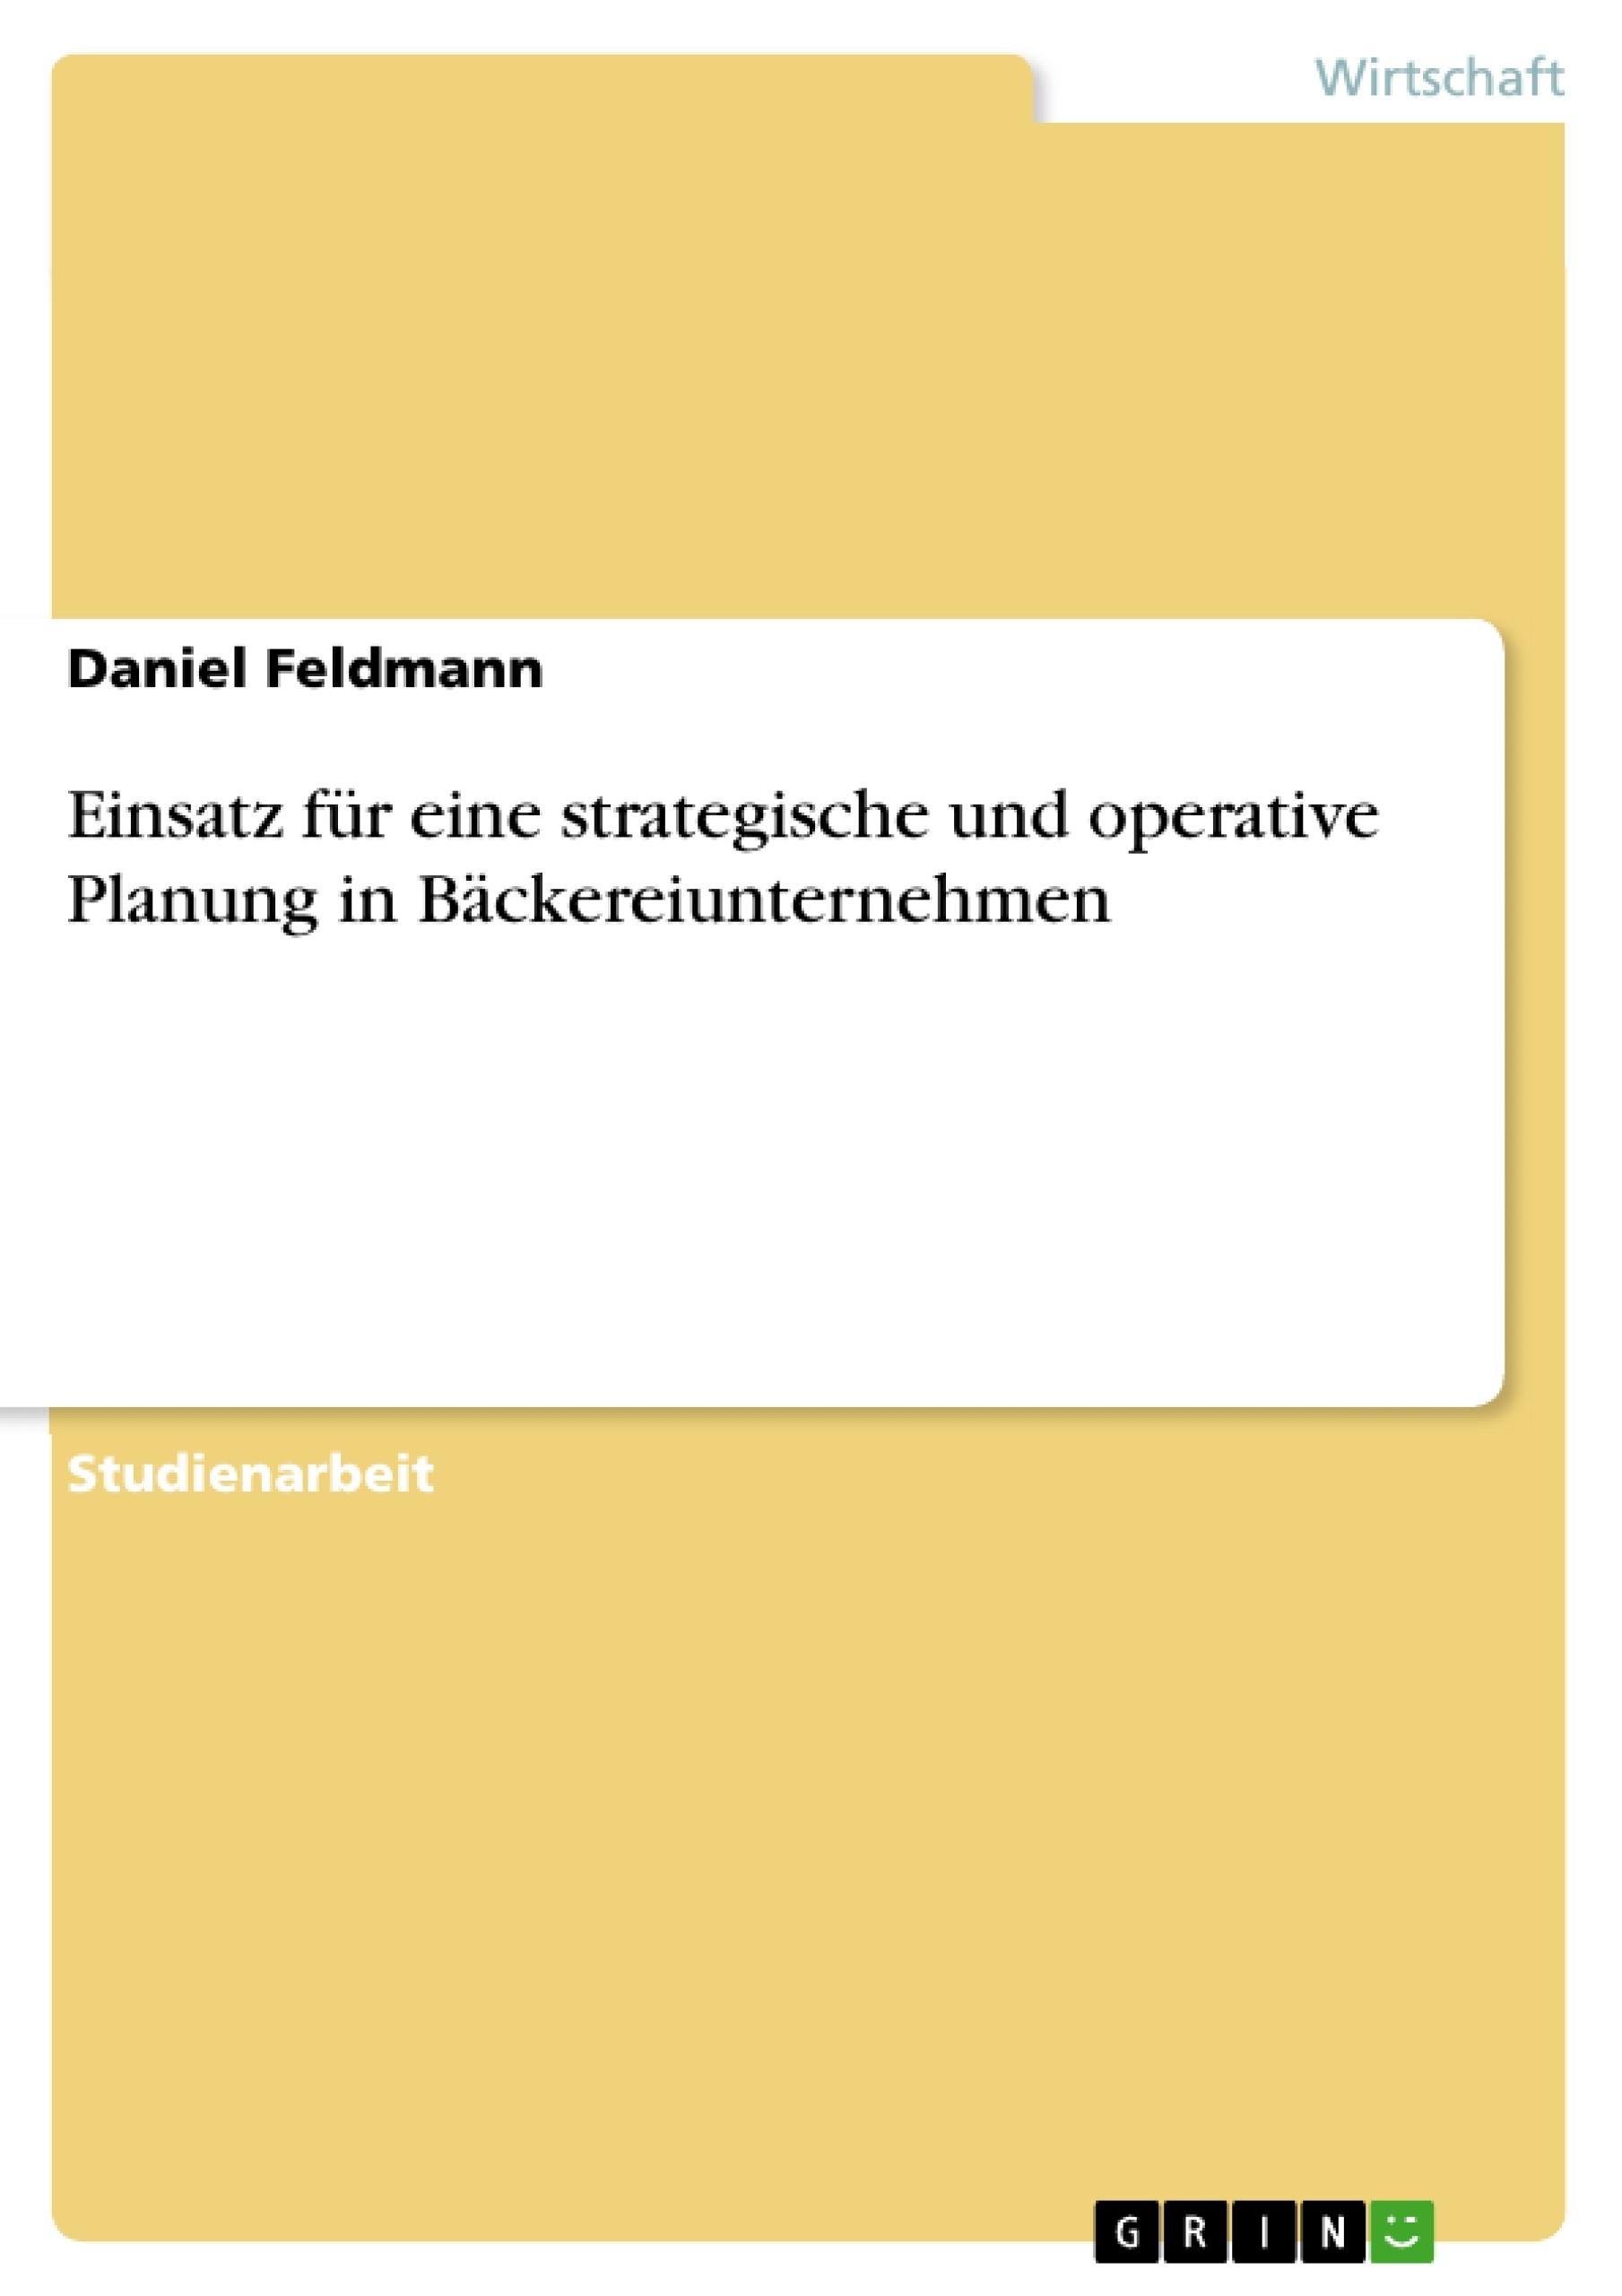 Titel: Einsatz für eine strategische und operative Planung in Bäckereiunternehmen